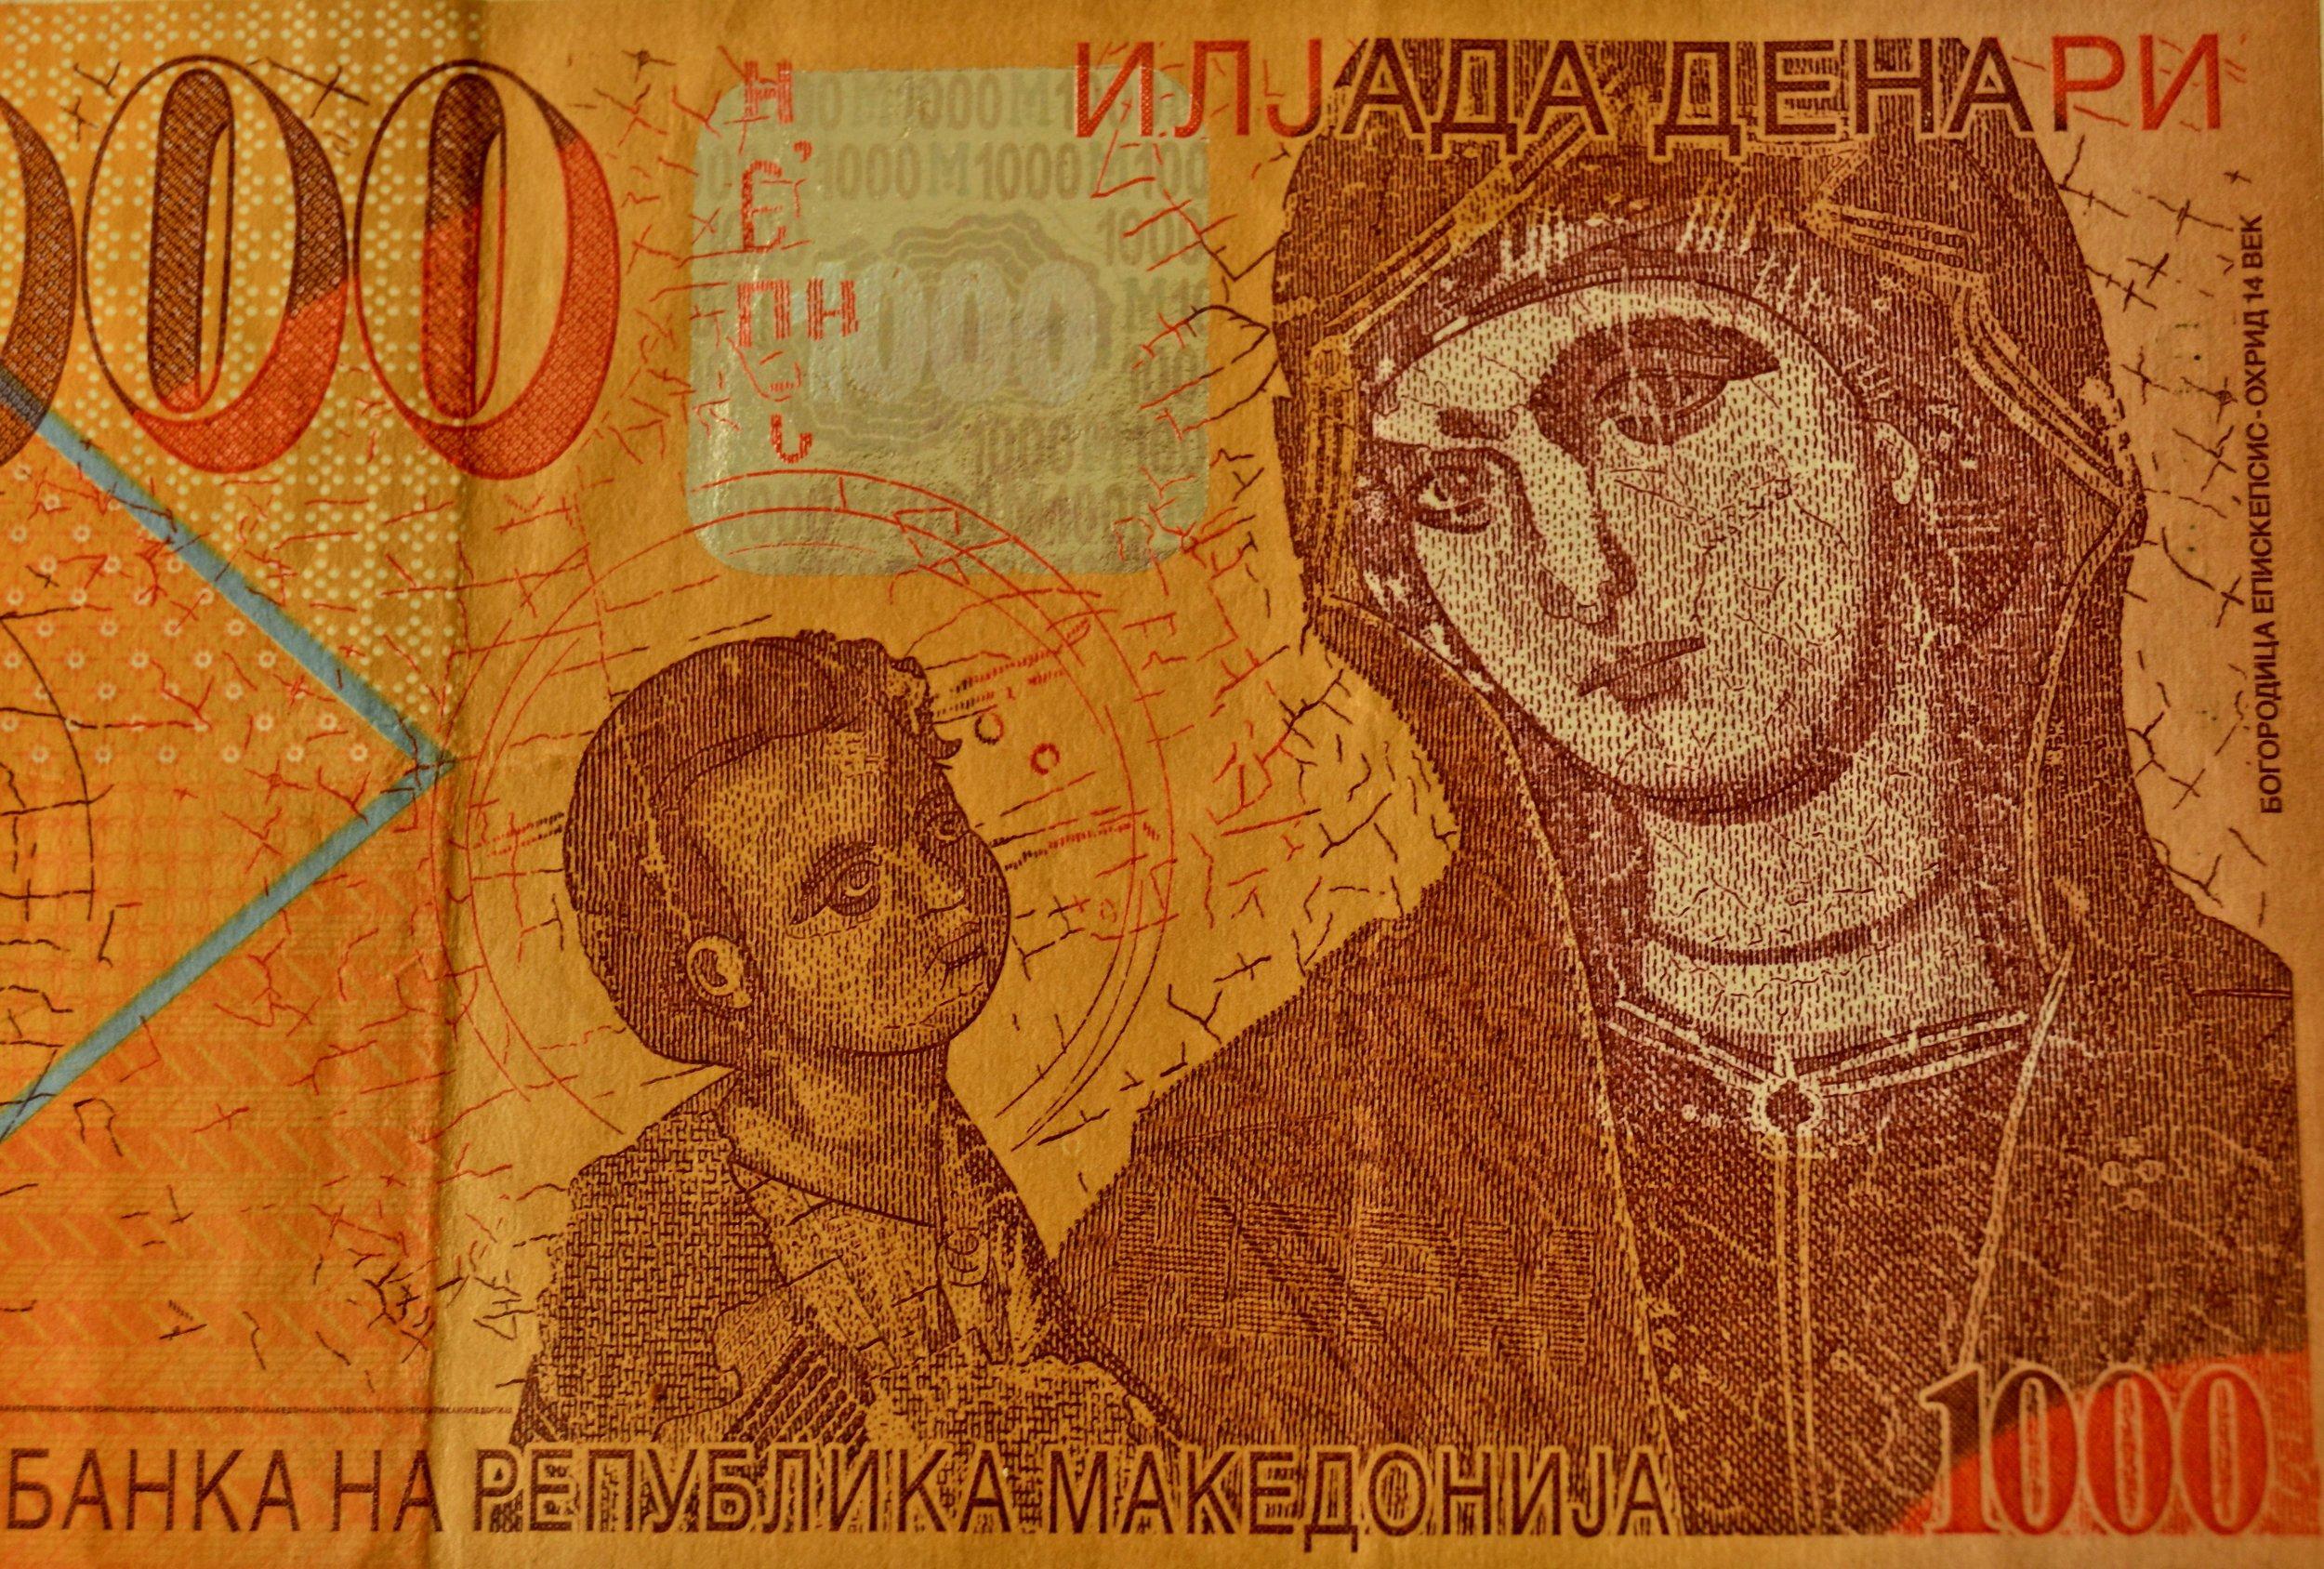 1000 Macedonia Denar banknote (Detail)